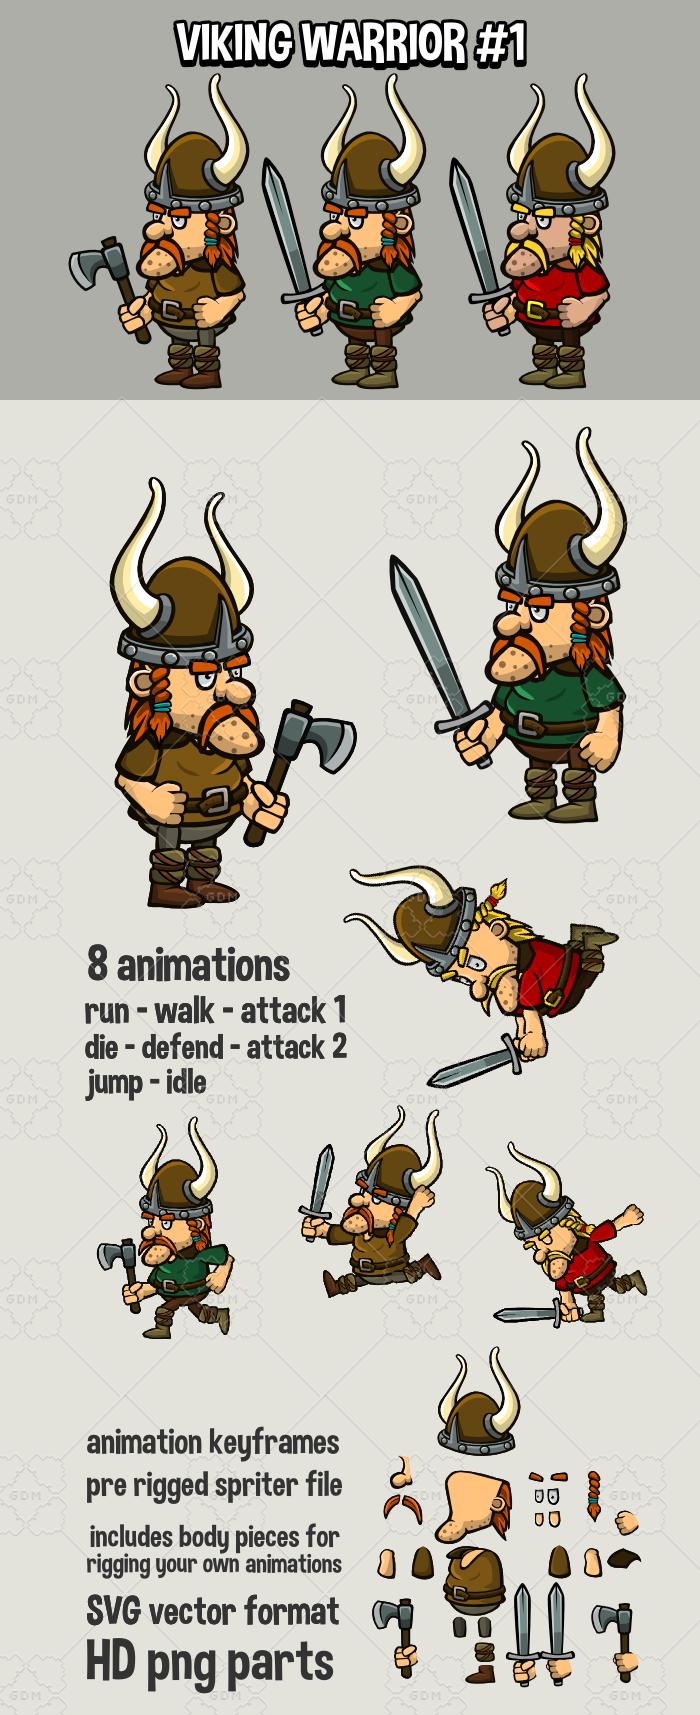 Animated viking warrior 1